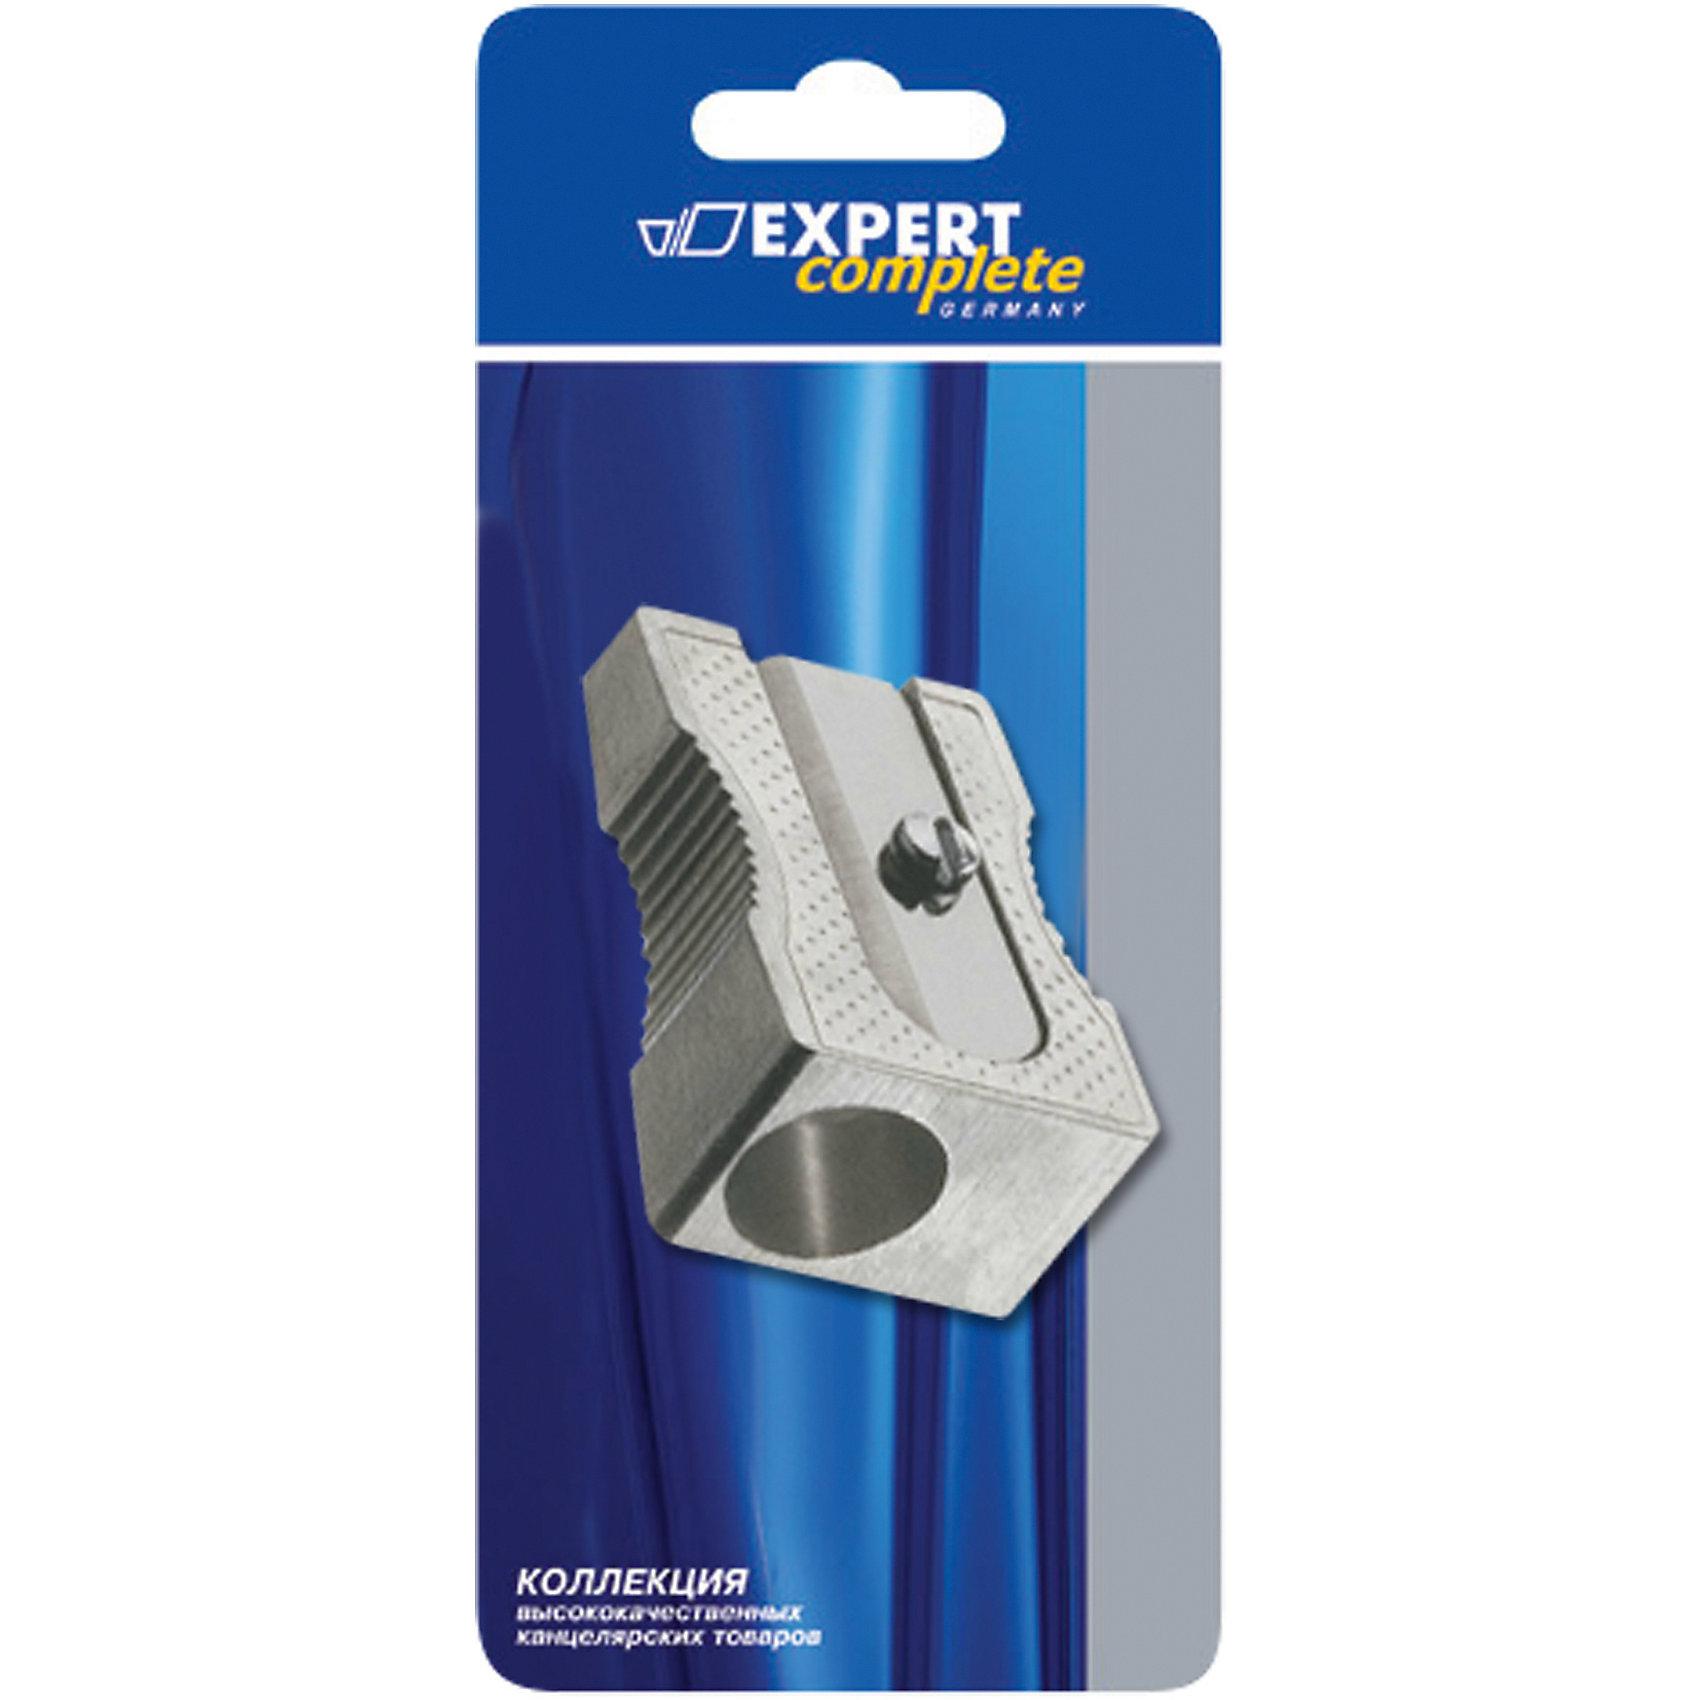 Точилка металлическая с одним отверстием, Expert CompleteТочилка Expert Complete в прочном цельнометаллическом корпусе с одним отверствием. Предназначена для заточки карандашей диаметром 7 мм любой твердости. Оснащена прочными самозатачивающимися металлическими лезвиями из нержавеющей стали.  Благодаря компактному размеру, точилка подходит для любых пеналов.<br><br>Ширина мм: 83<br>Глубина мм: 120<br>Высота мм: 44<br>Вес г: 5<br>Возраст от месяцев: 48<br>Возраст до месяцев: 2147483647<br>Пол: Унисекс<br>Возраст: Детский<br>SKU: 5475539